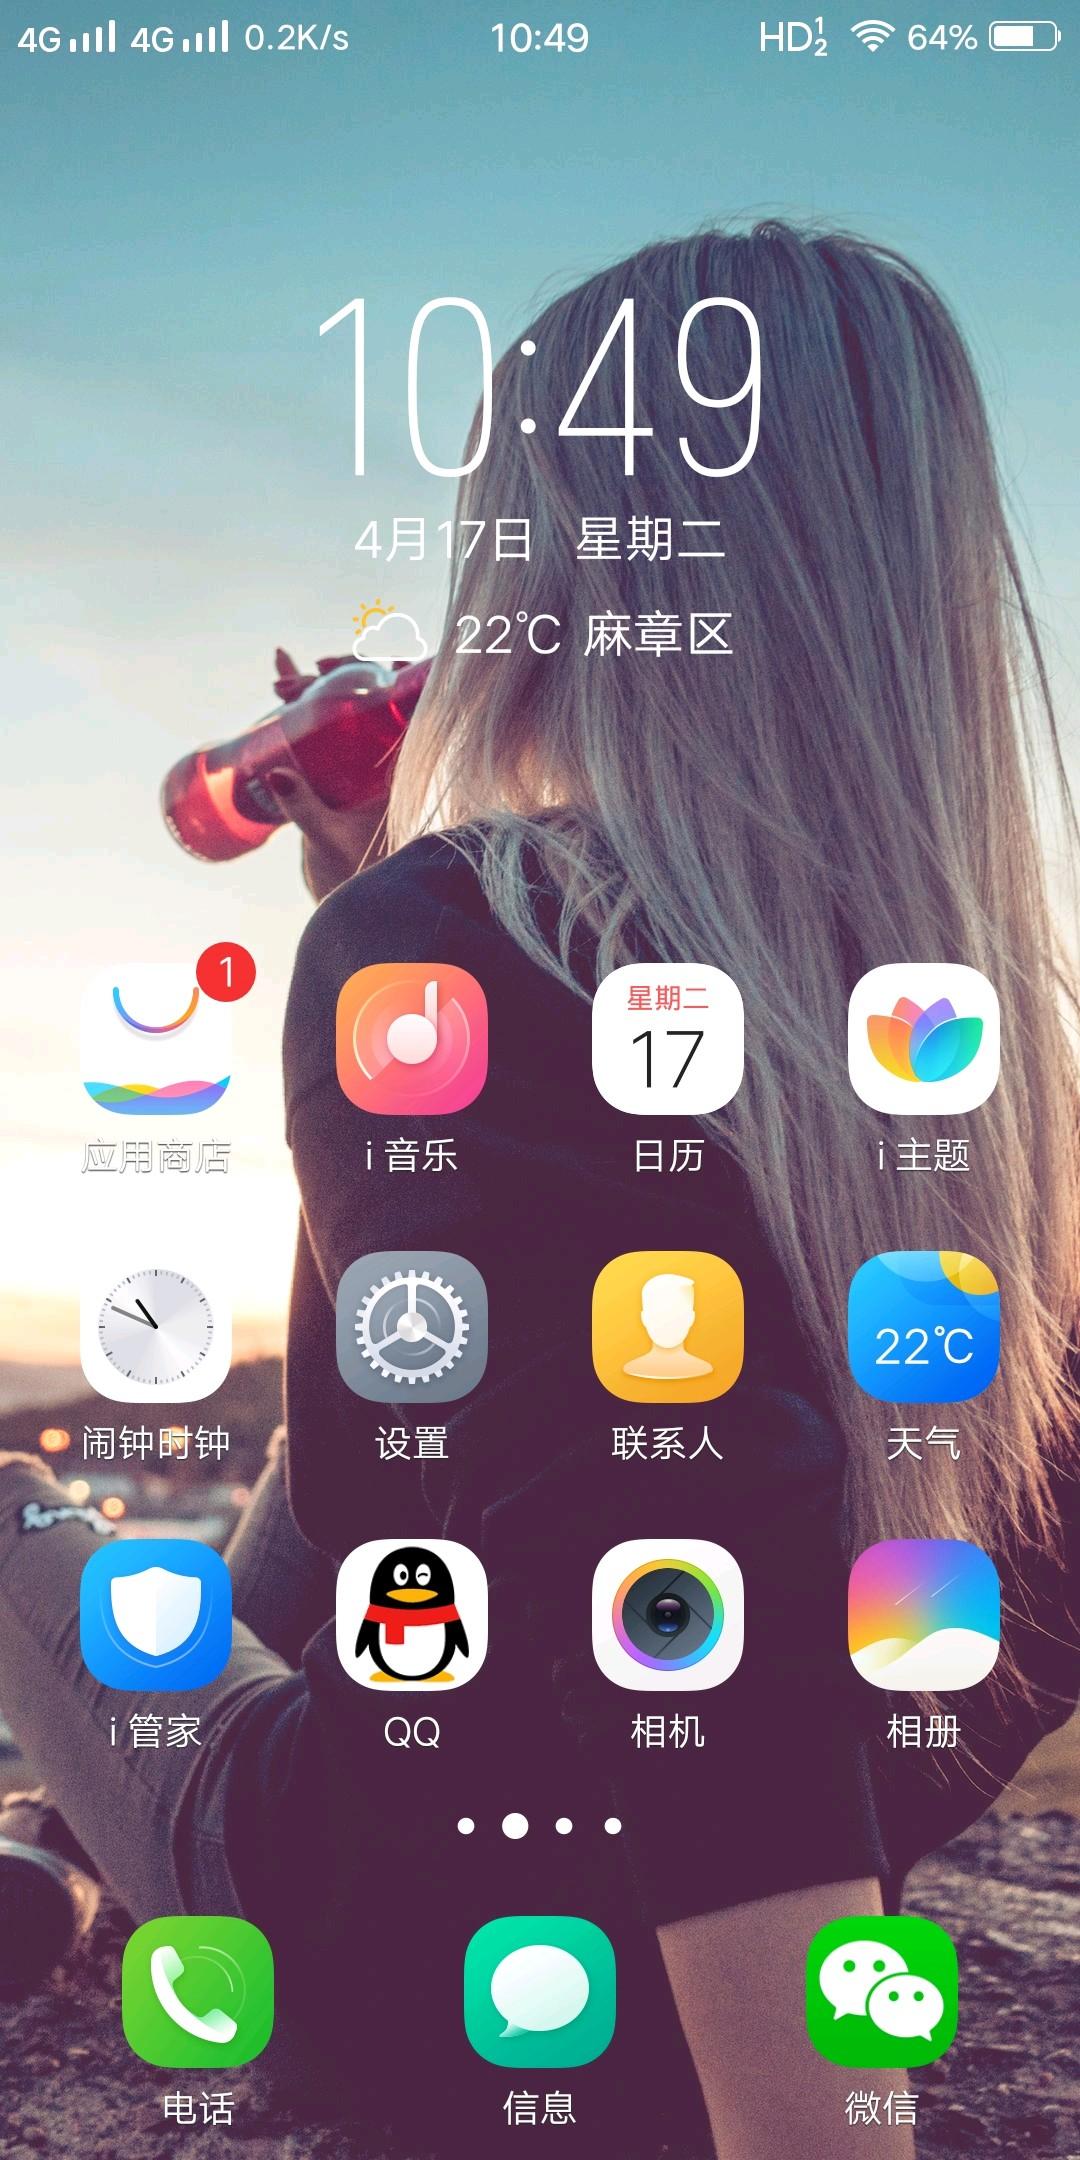 Screenshot_20180417_104923.jpg